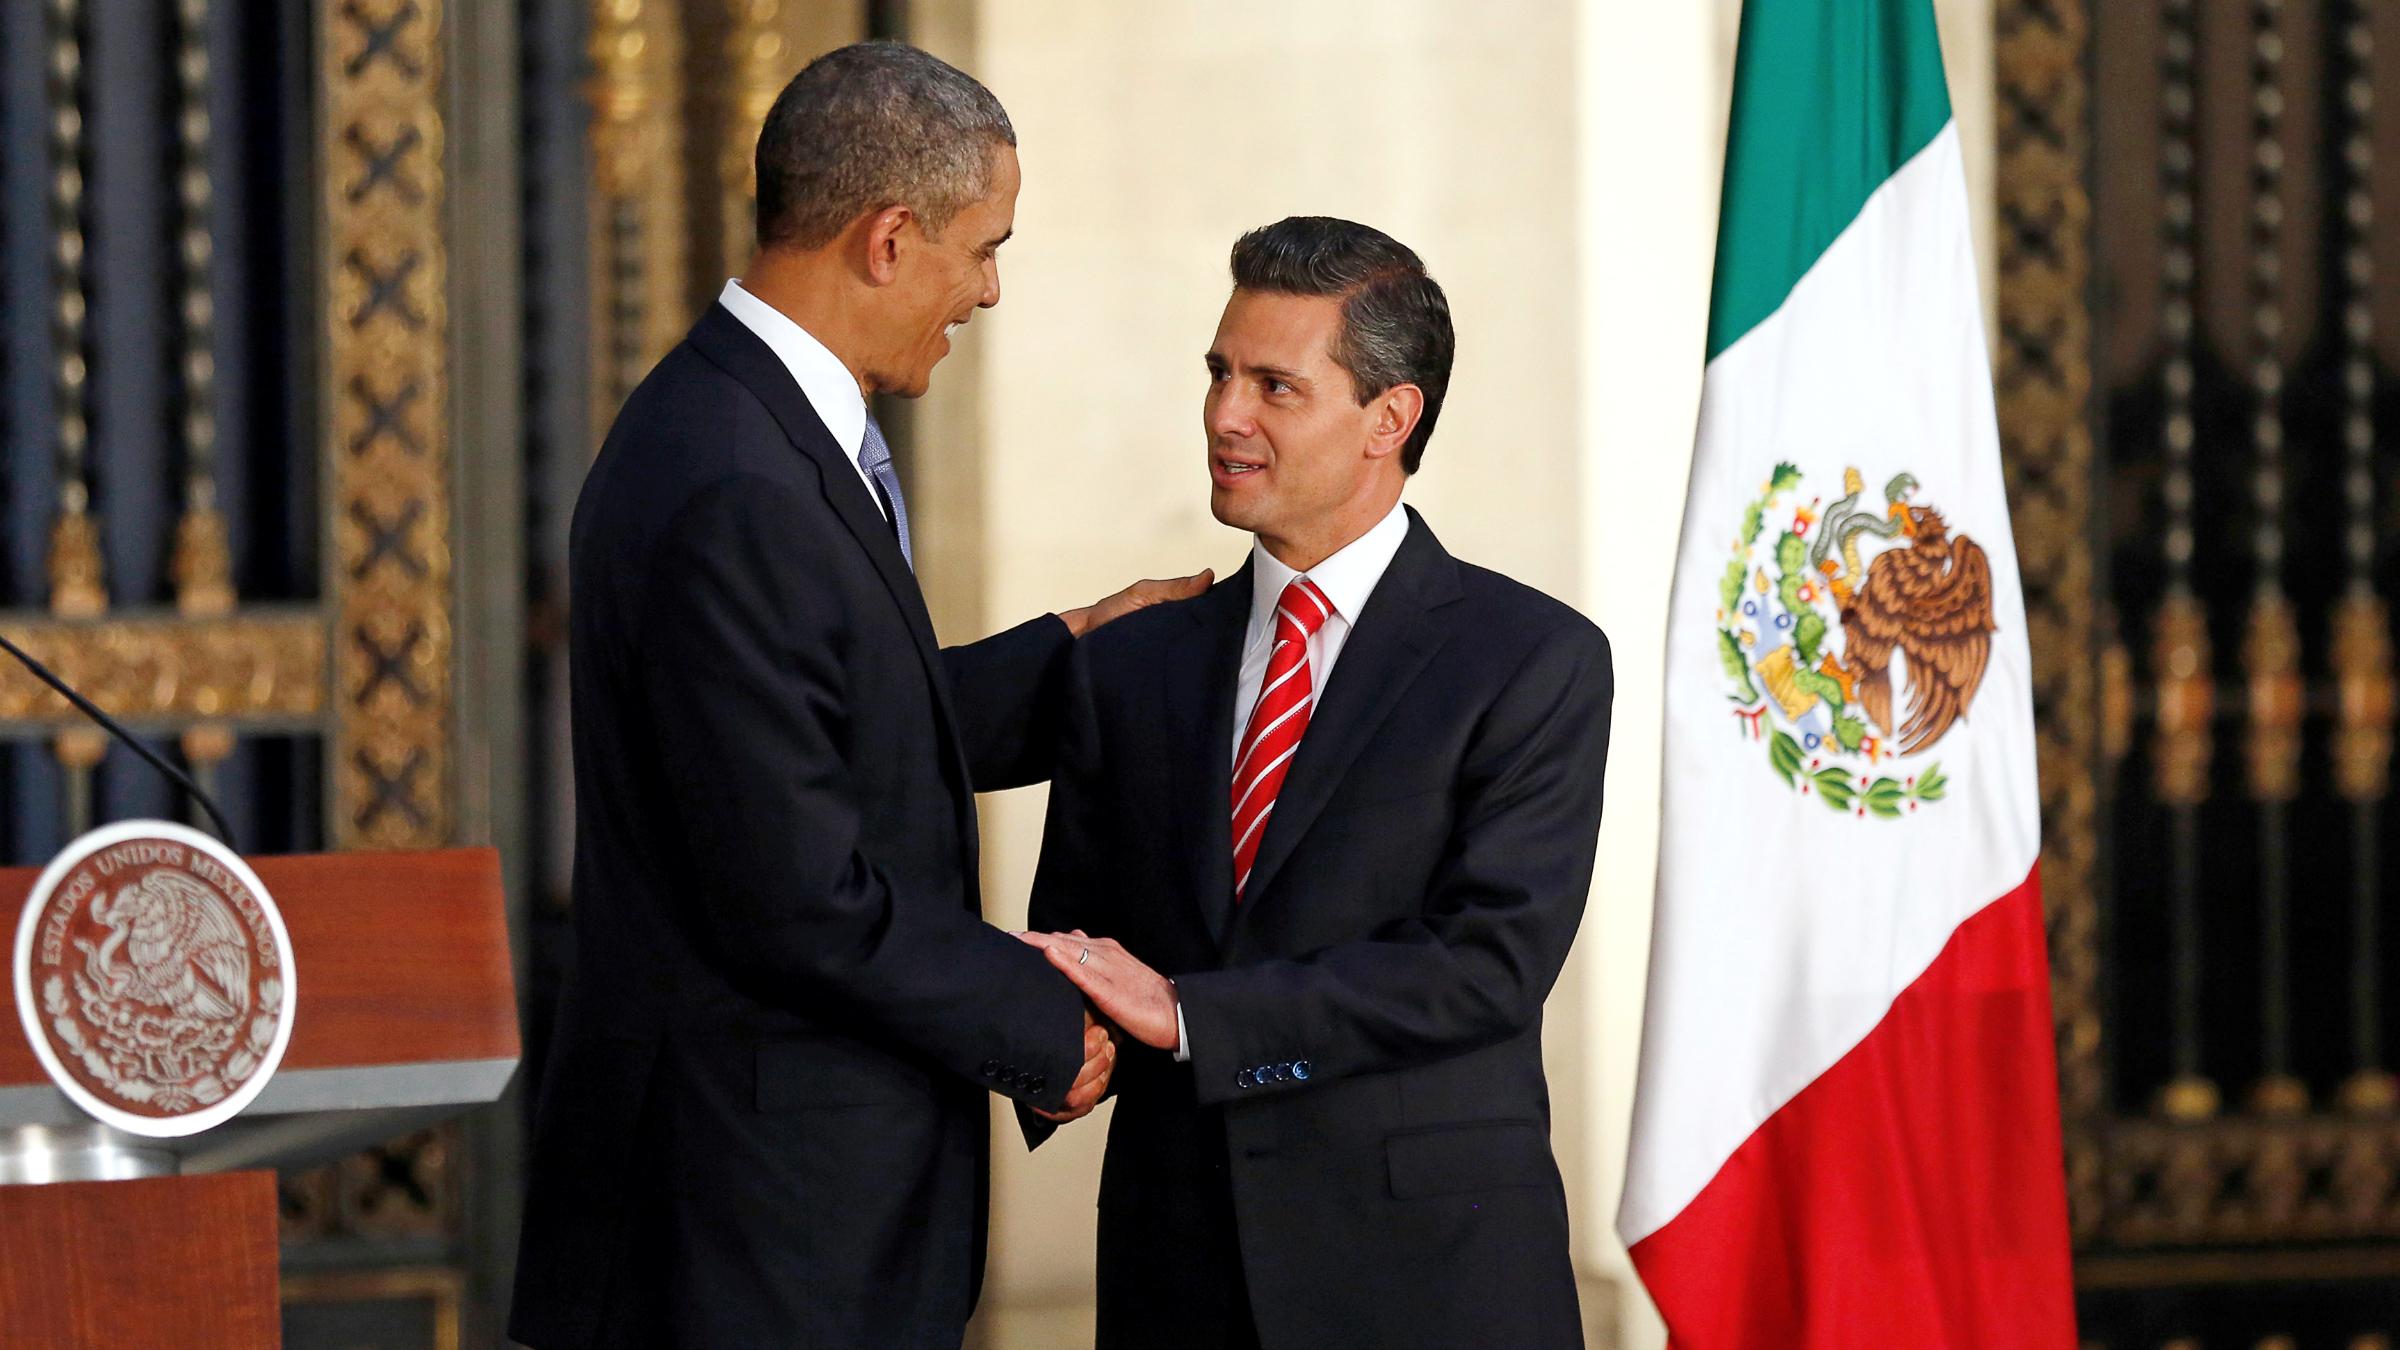 US president Barack Obama and Mexico president Enrique Peña Nieto